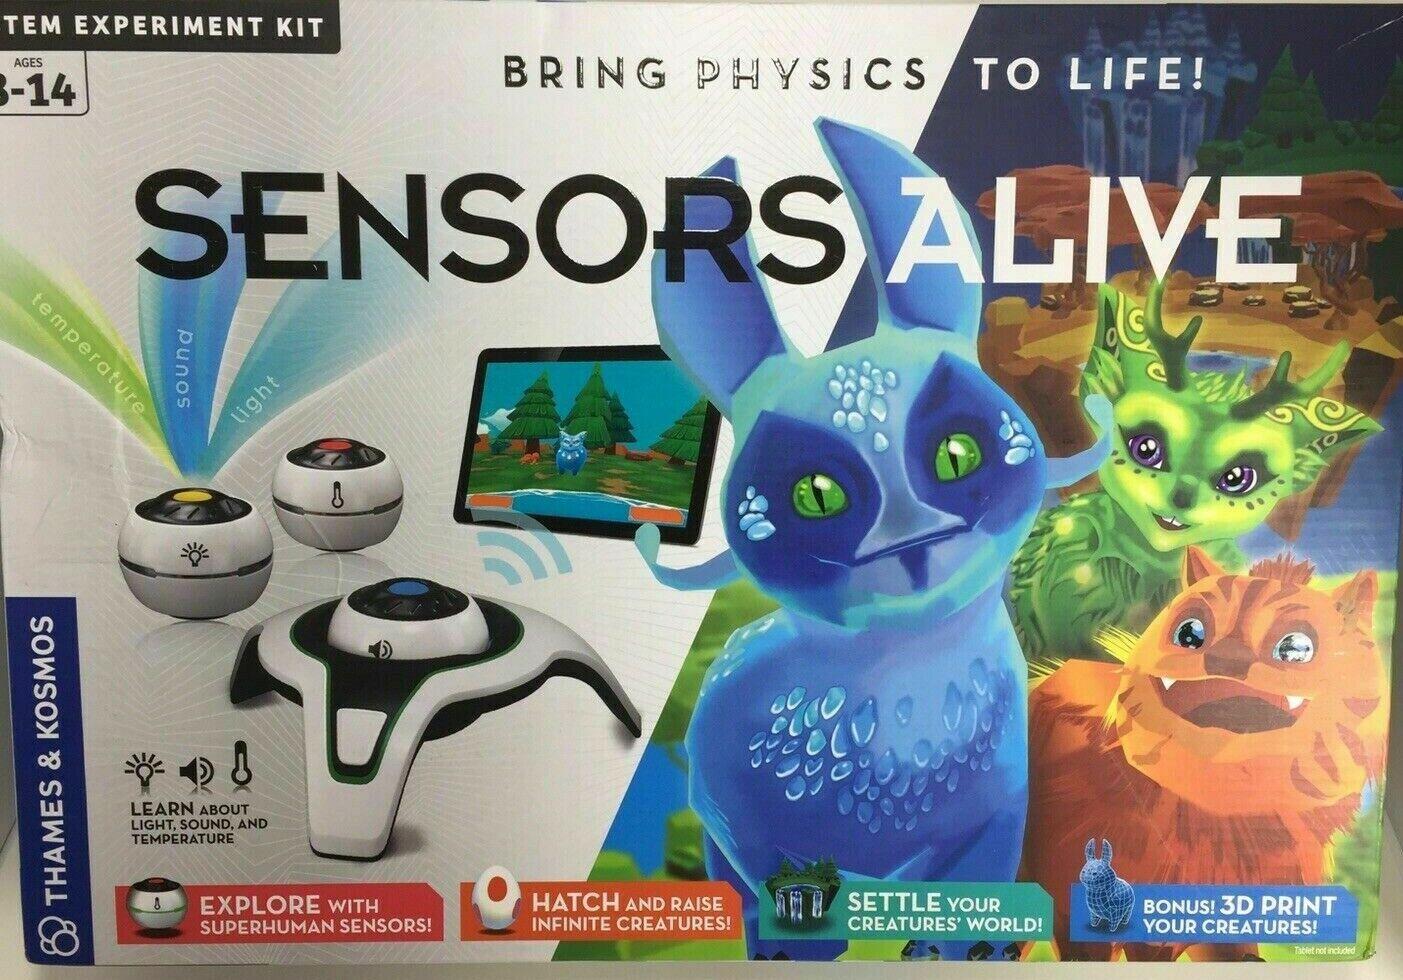 Thames och Kosmos Sensorer, levande Stem Experimänt Kit, ta med fysik till liv